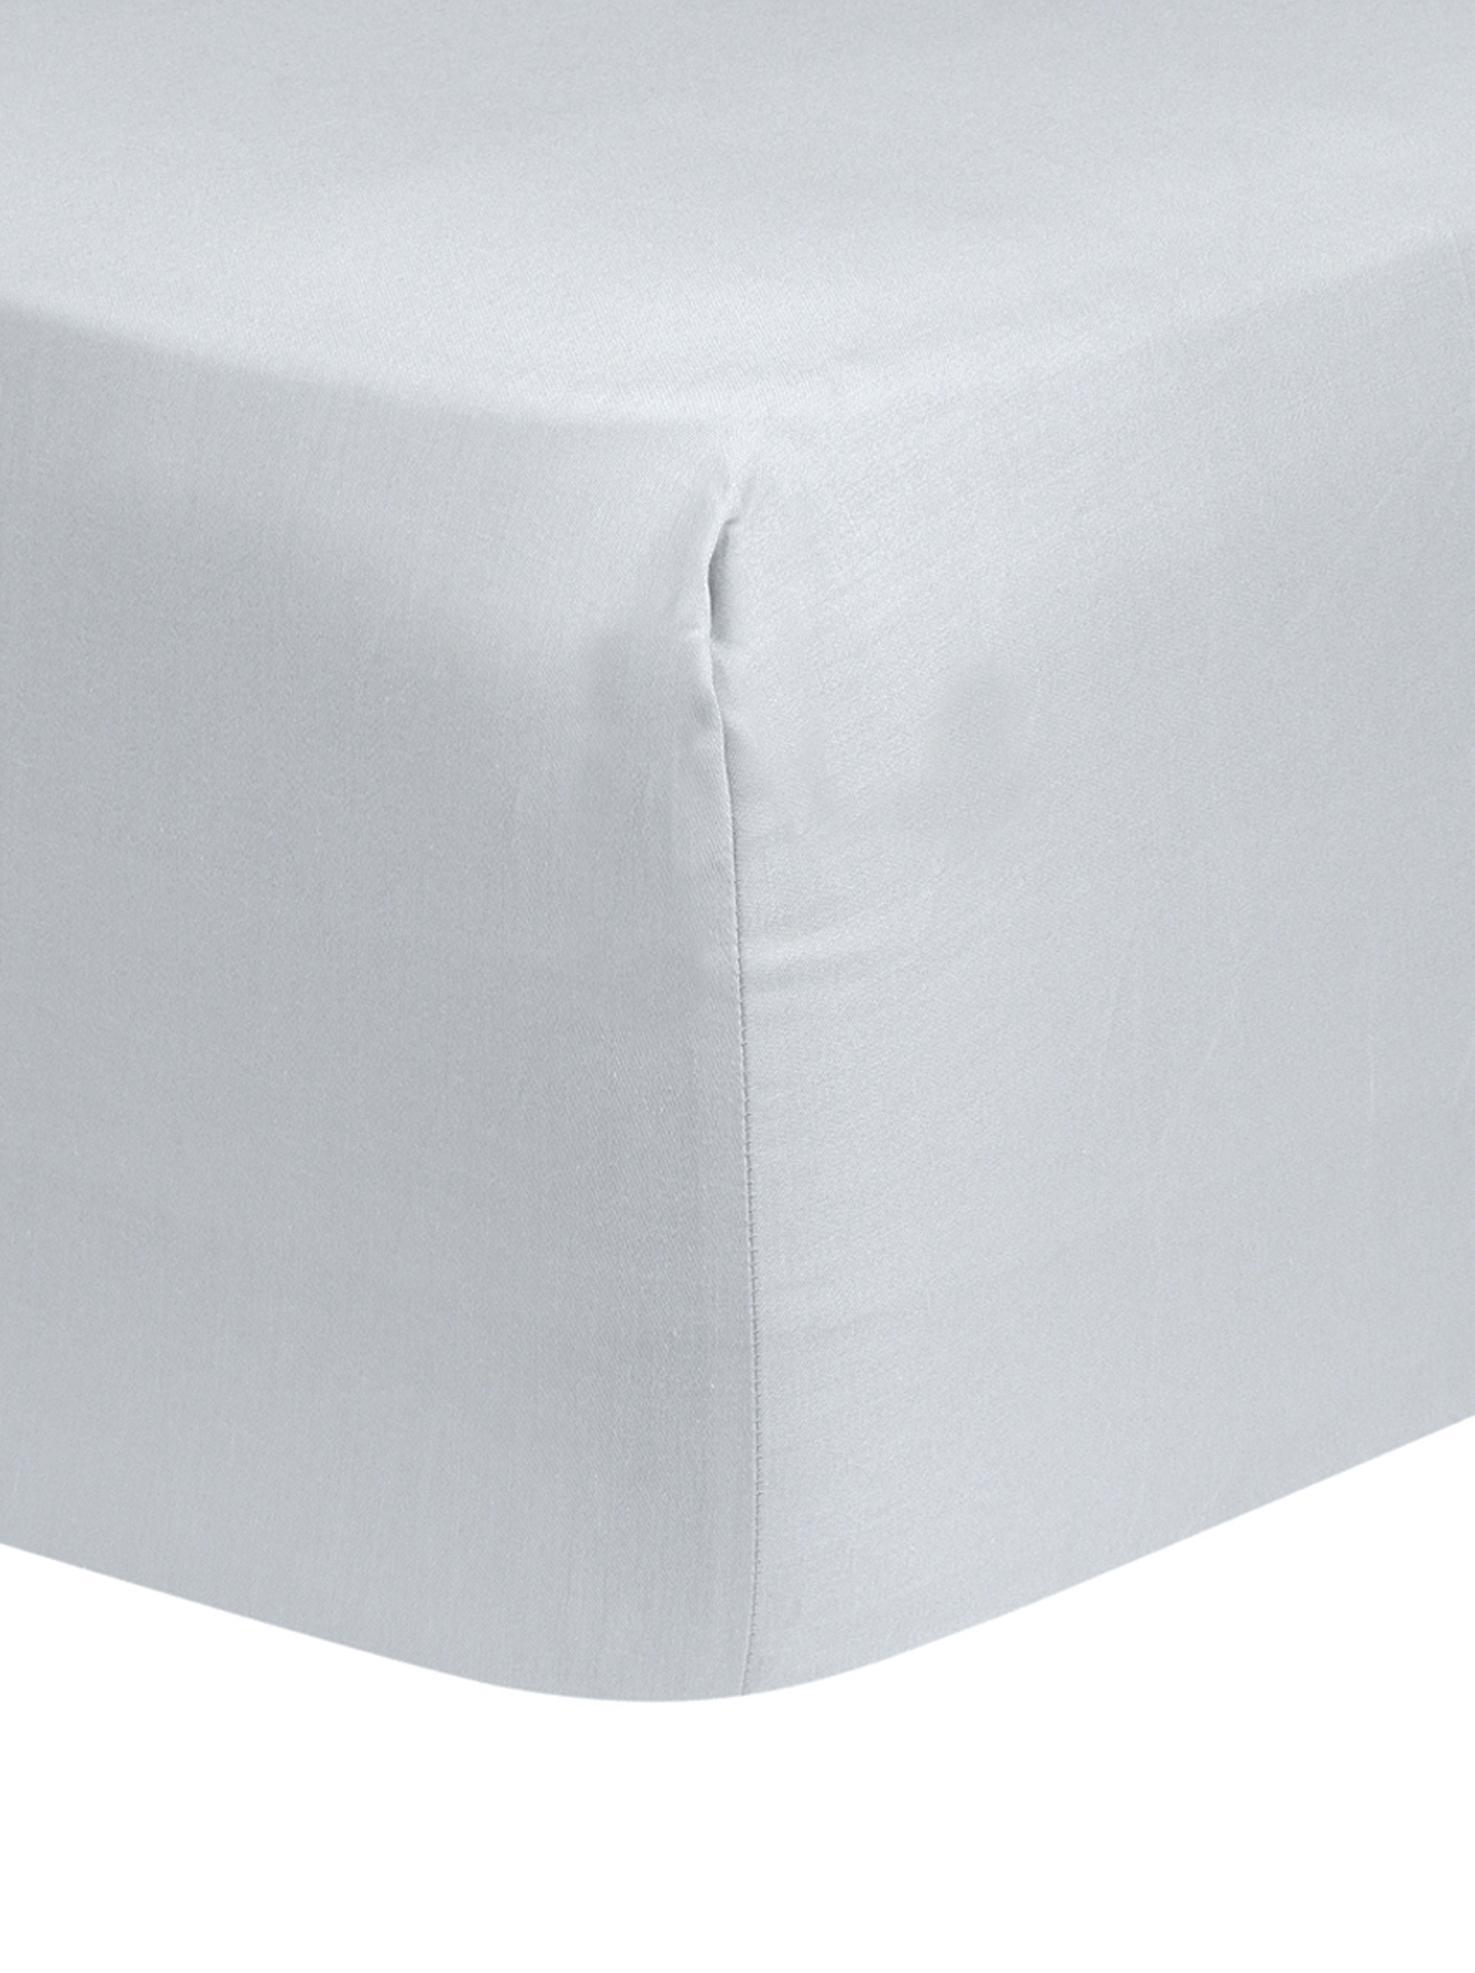 Spannbettlaken Comfort, Baumwollsatin, Webart: Satin, leicht glänzend, Hellgrau, 90 x 200 cm